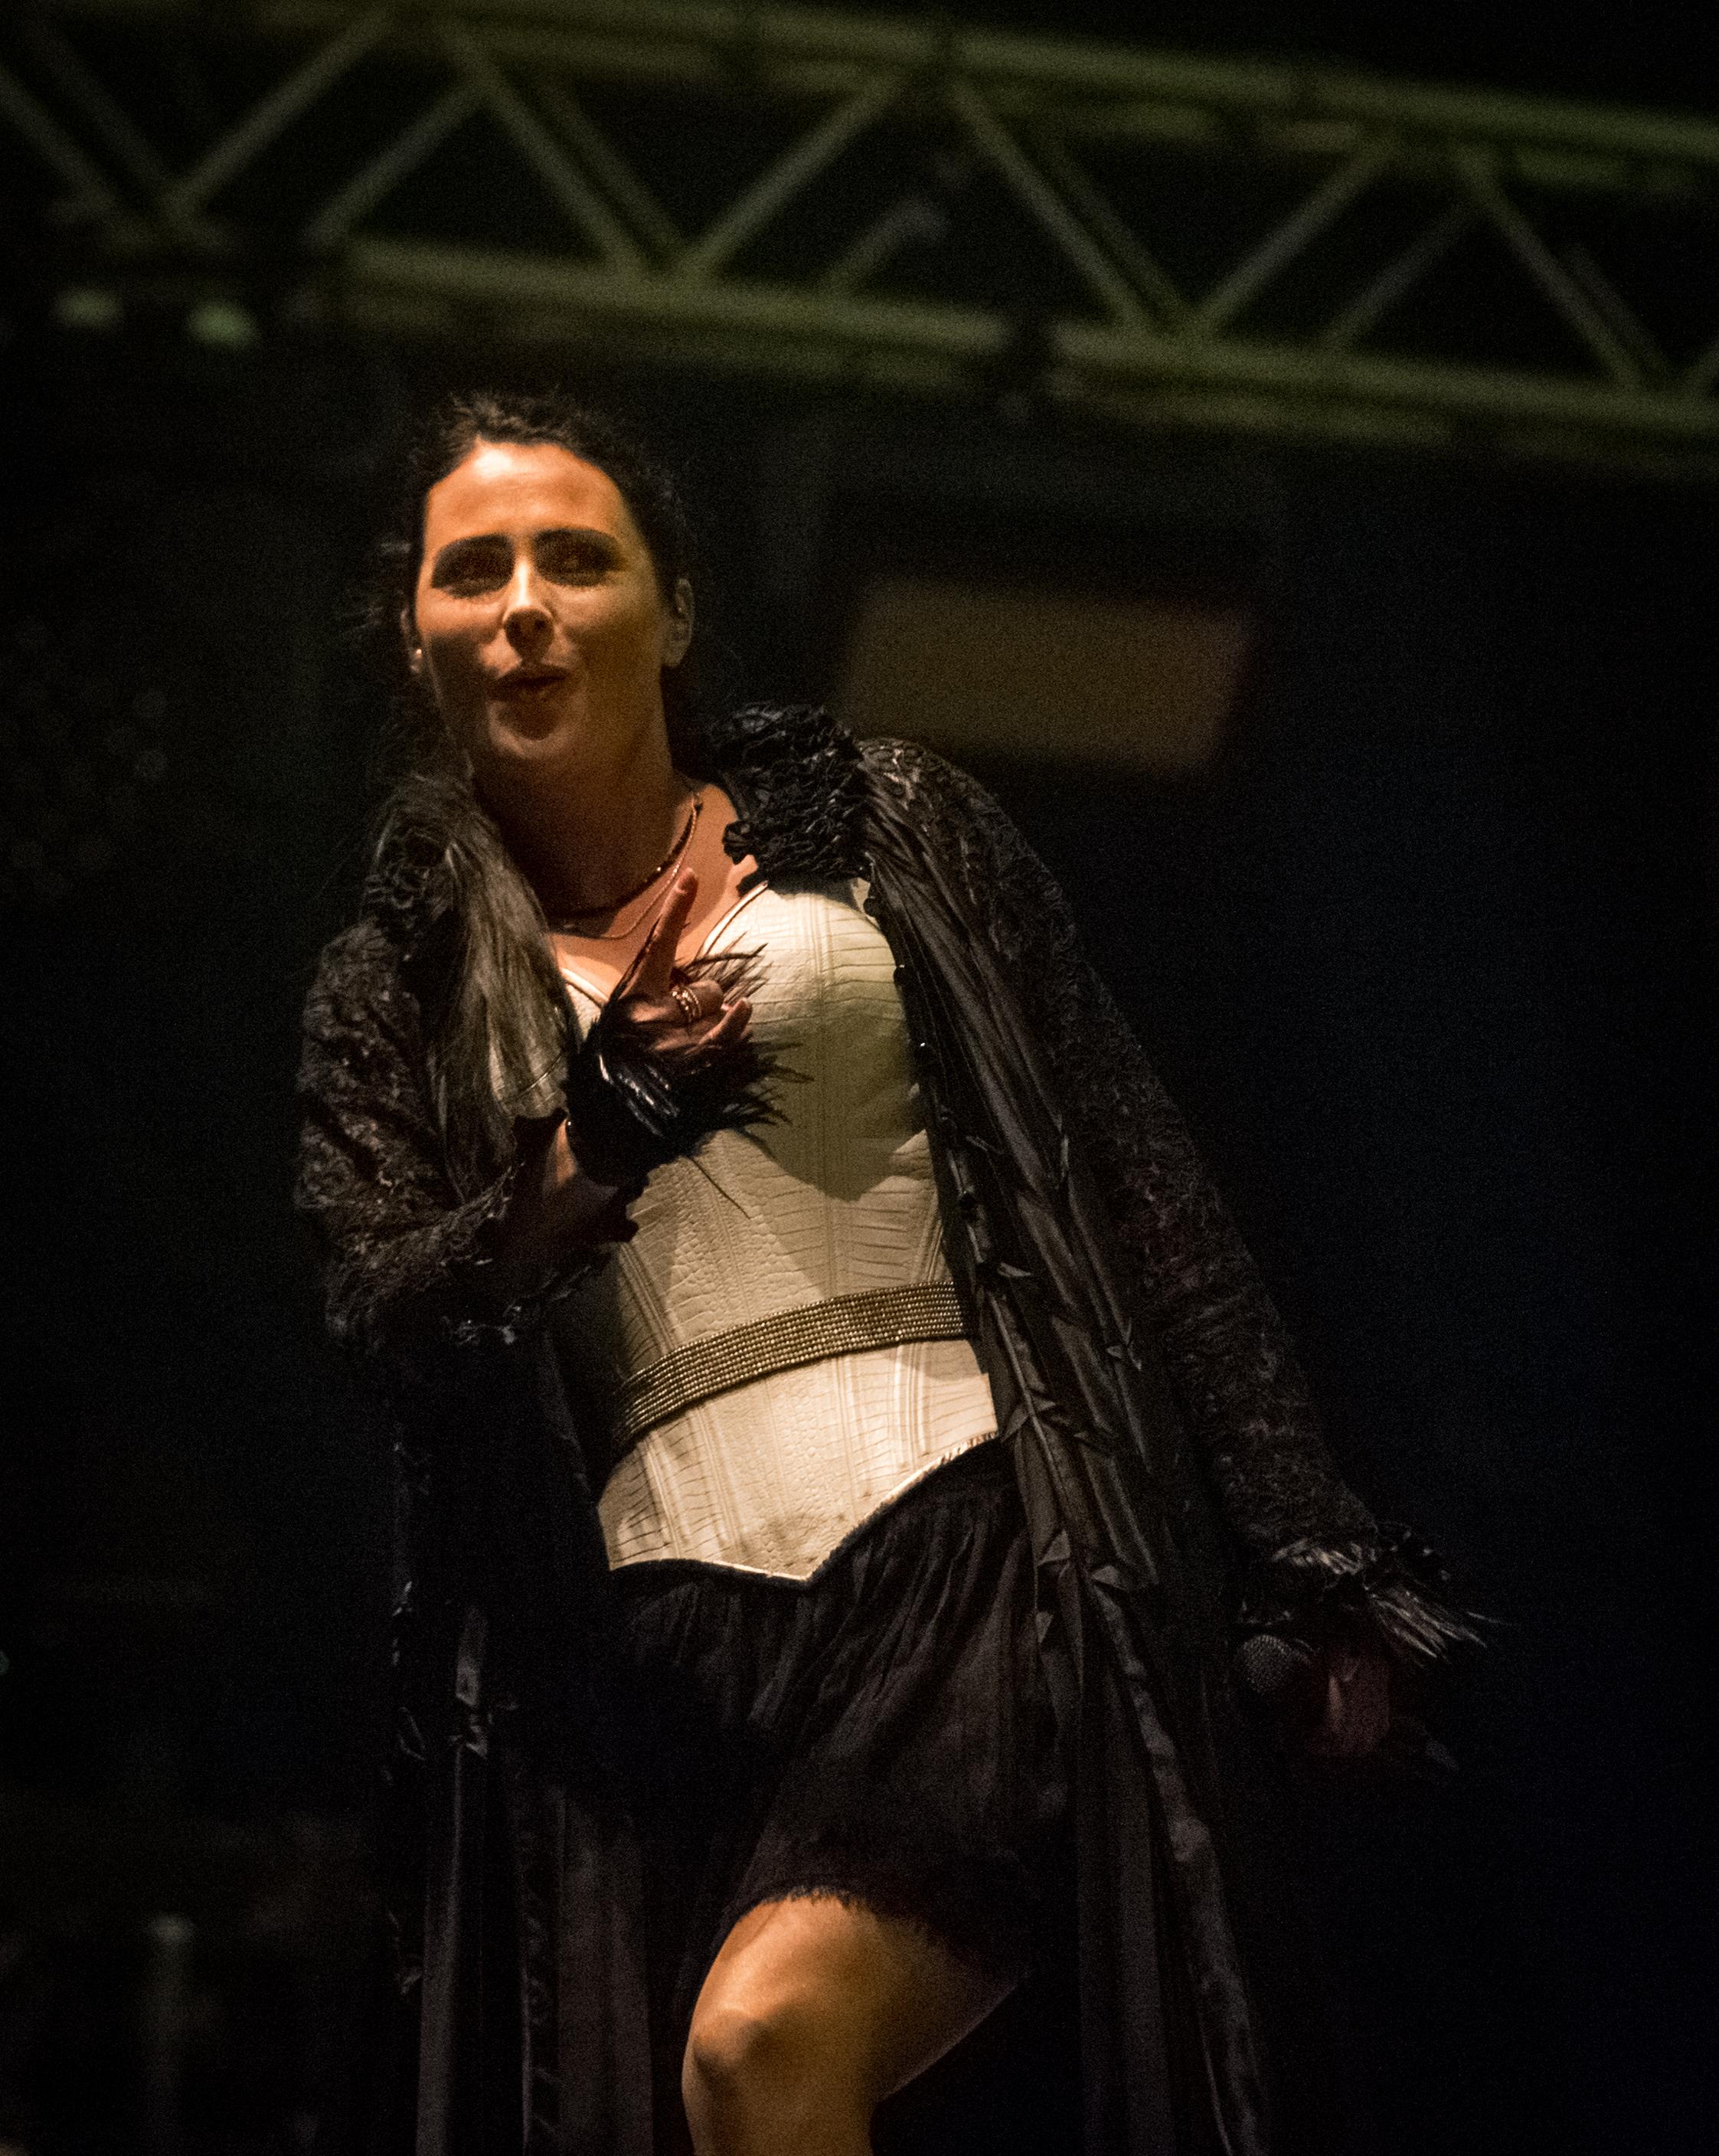 File:Within Temptation - Wacken Open Air 2015-2243.jpg